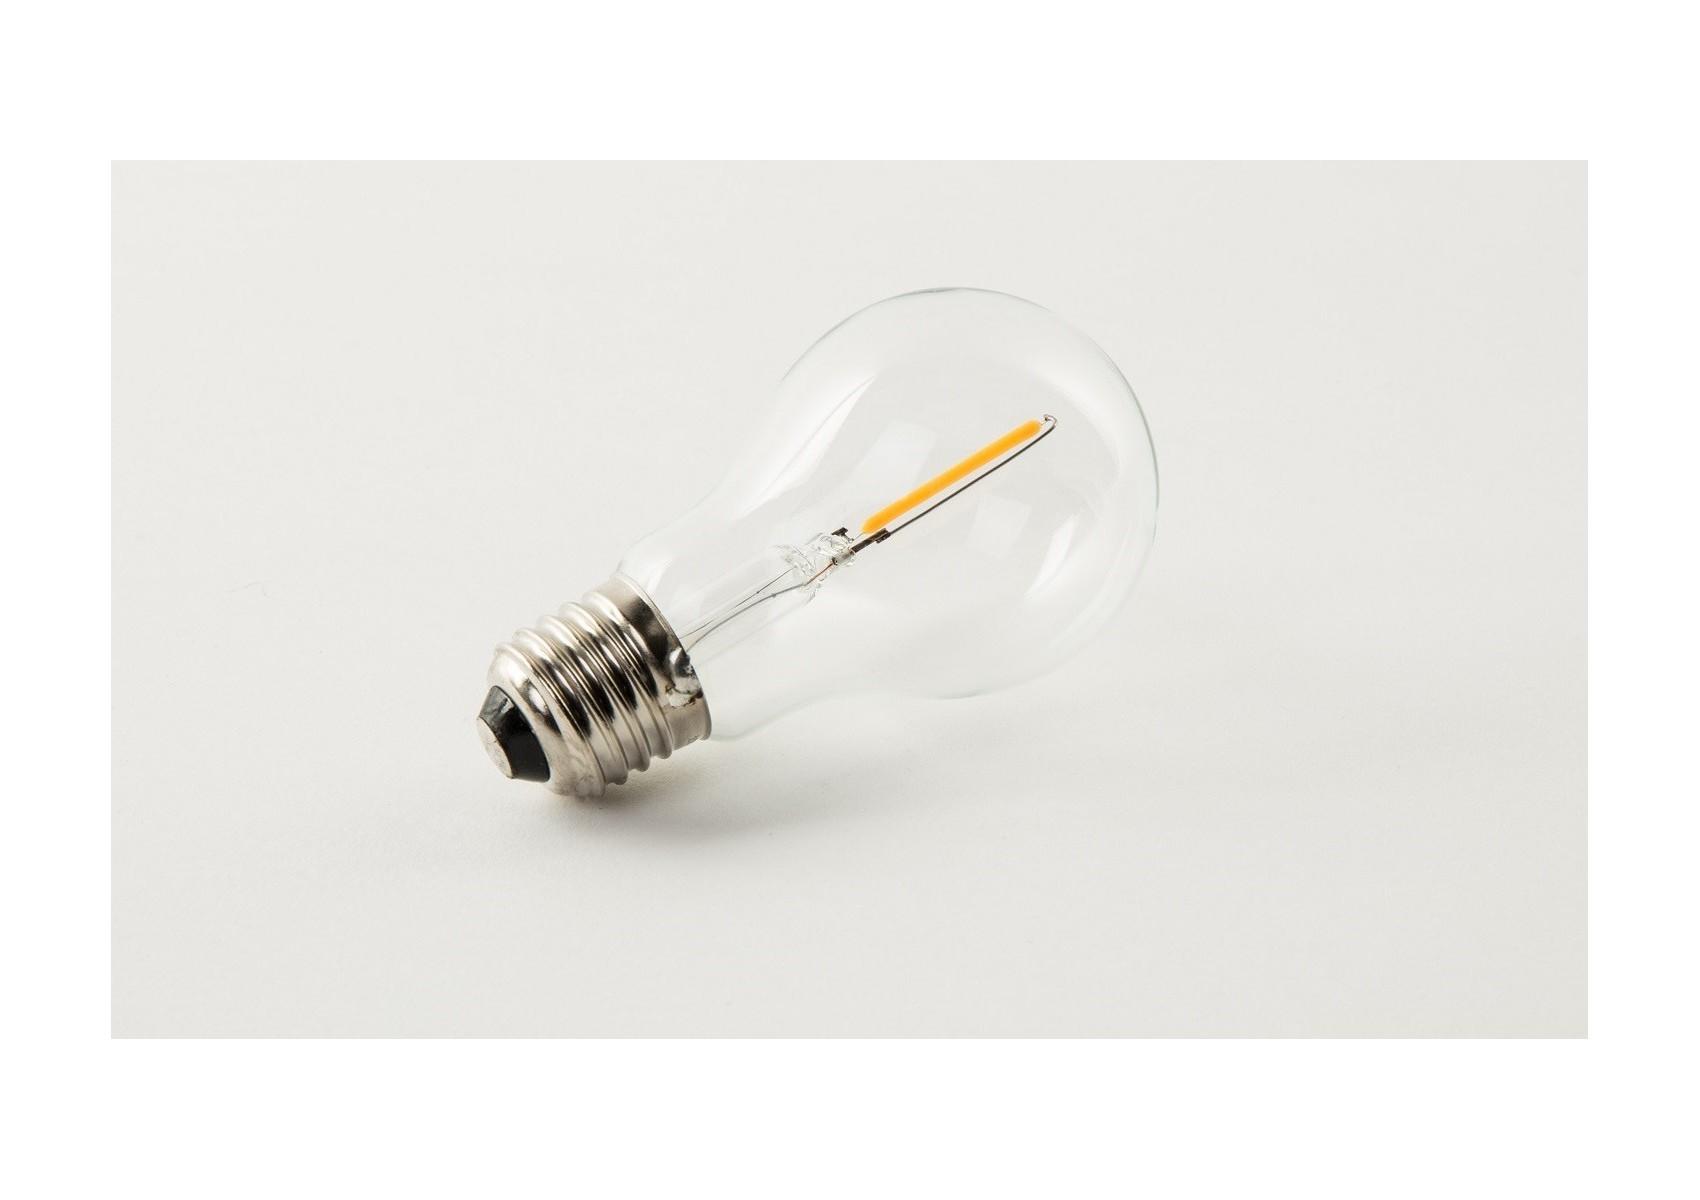 2 ampoules classiques led e27 d coratives par filament. Black Bedroom Furniture Sets. Home Design Ideas